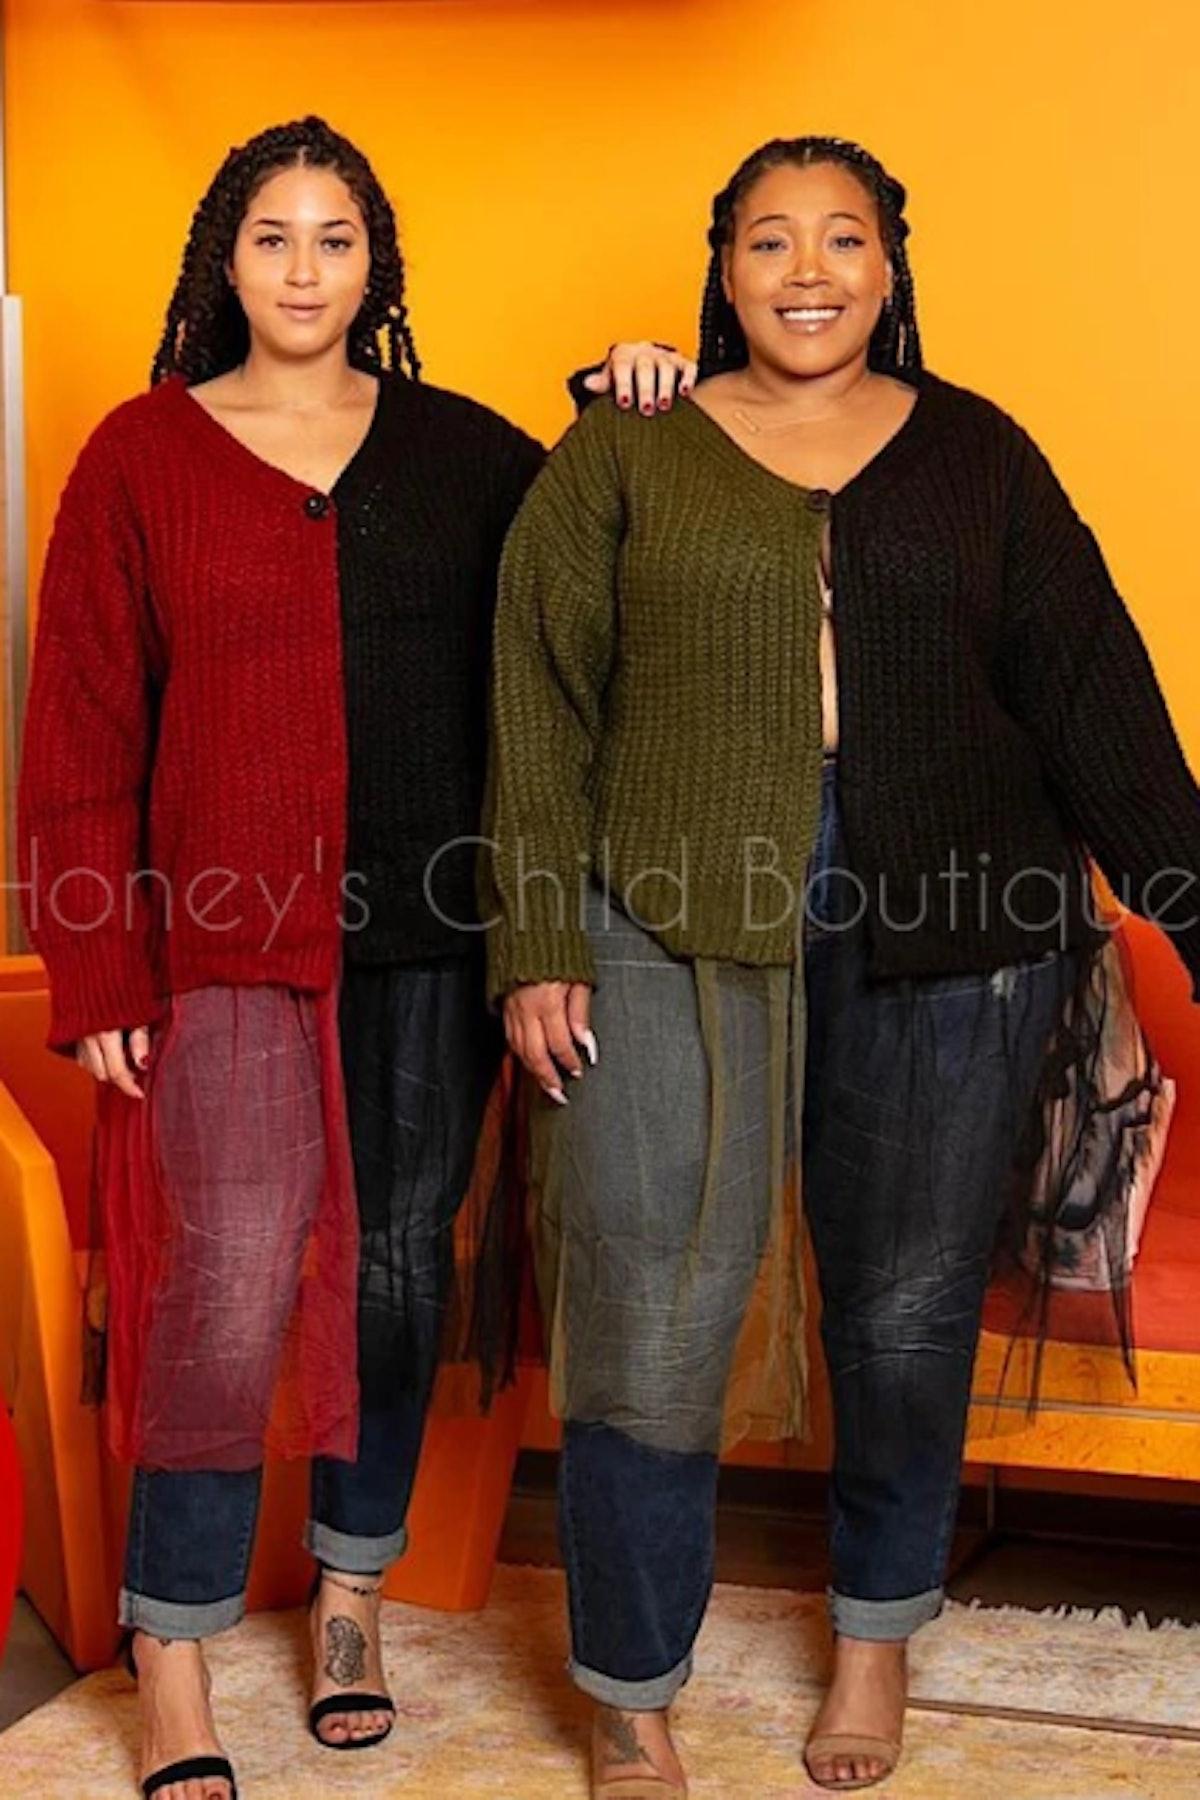 Honey's Child Boutique Side Eye Tulle Hem Cardigan Sweater